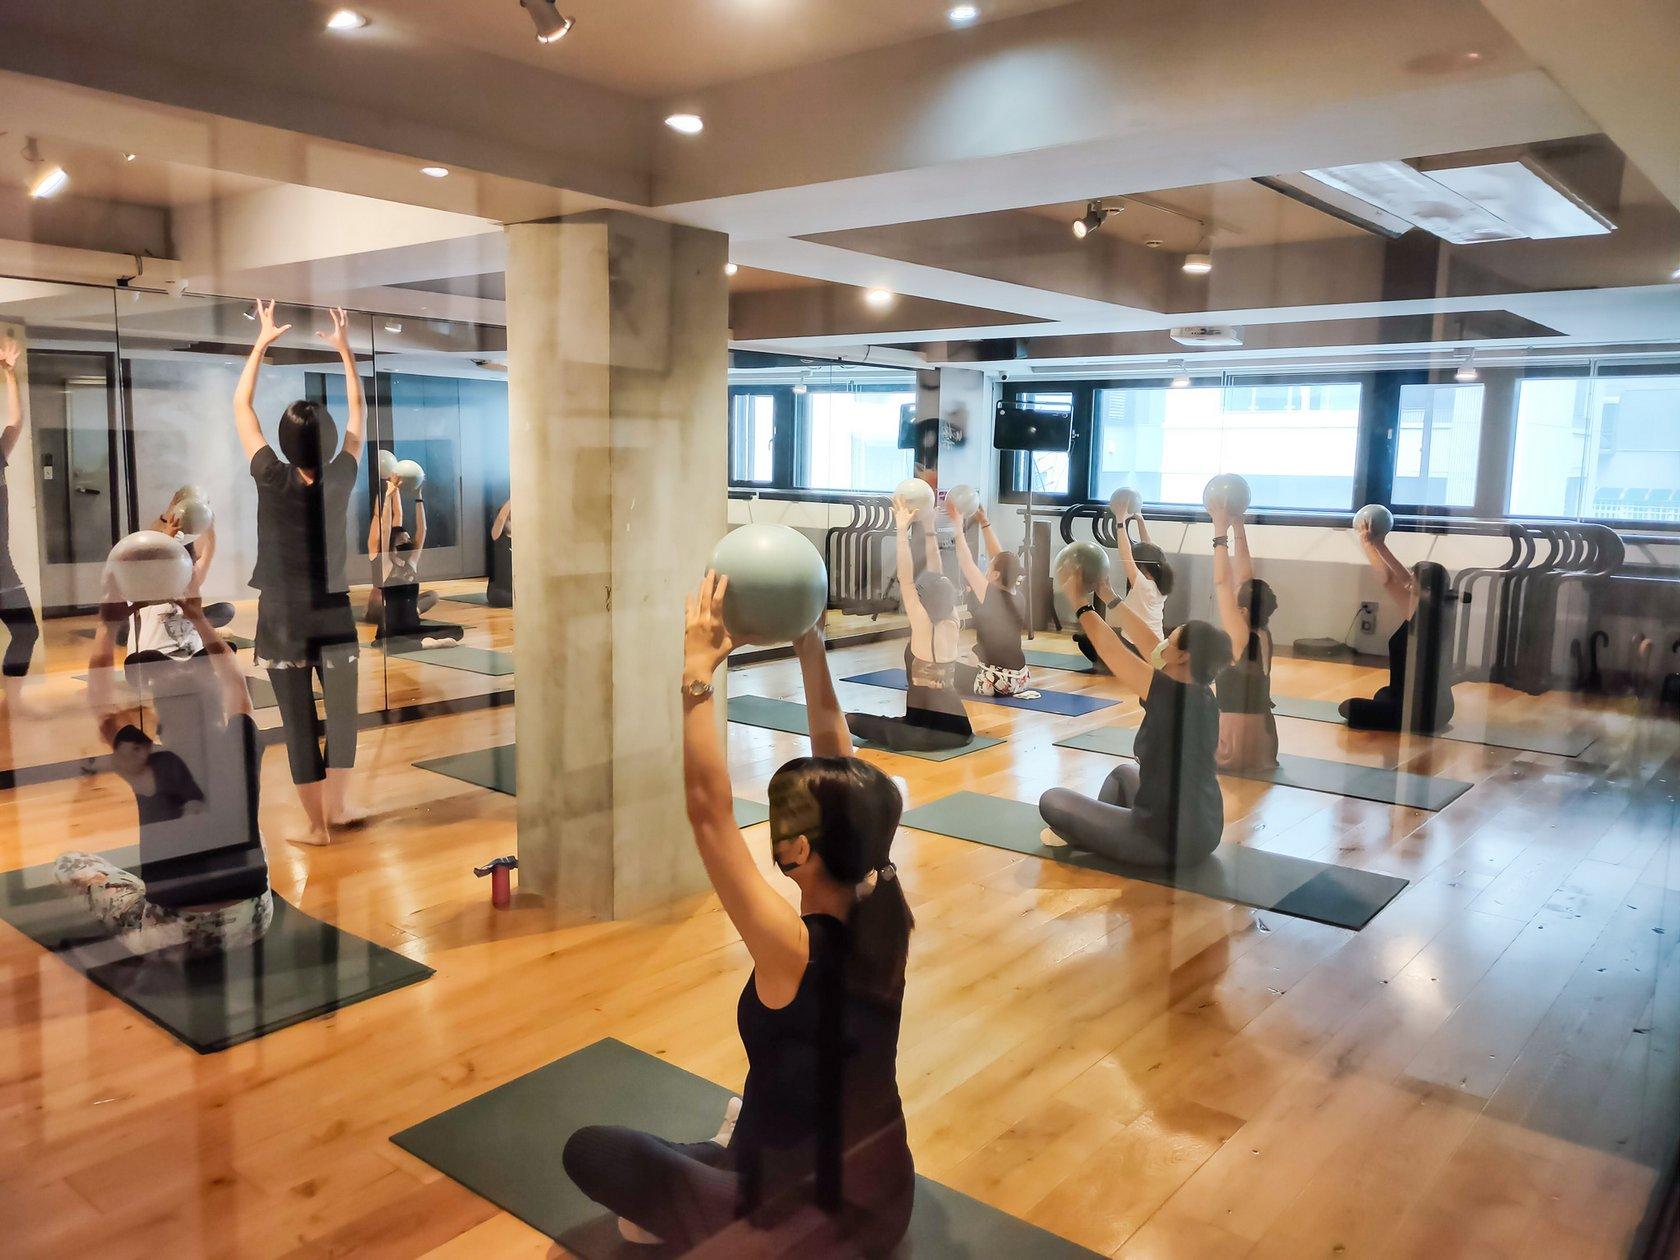 舞蹈教室 六號實驗室當代舞蹈藝術學院